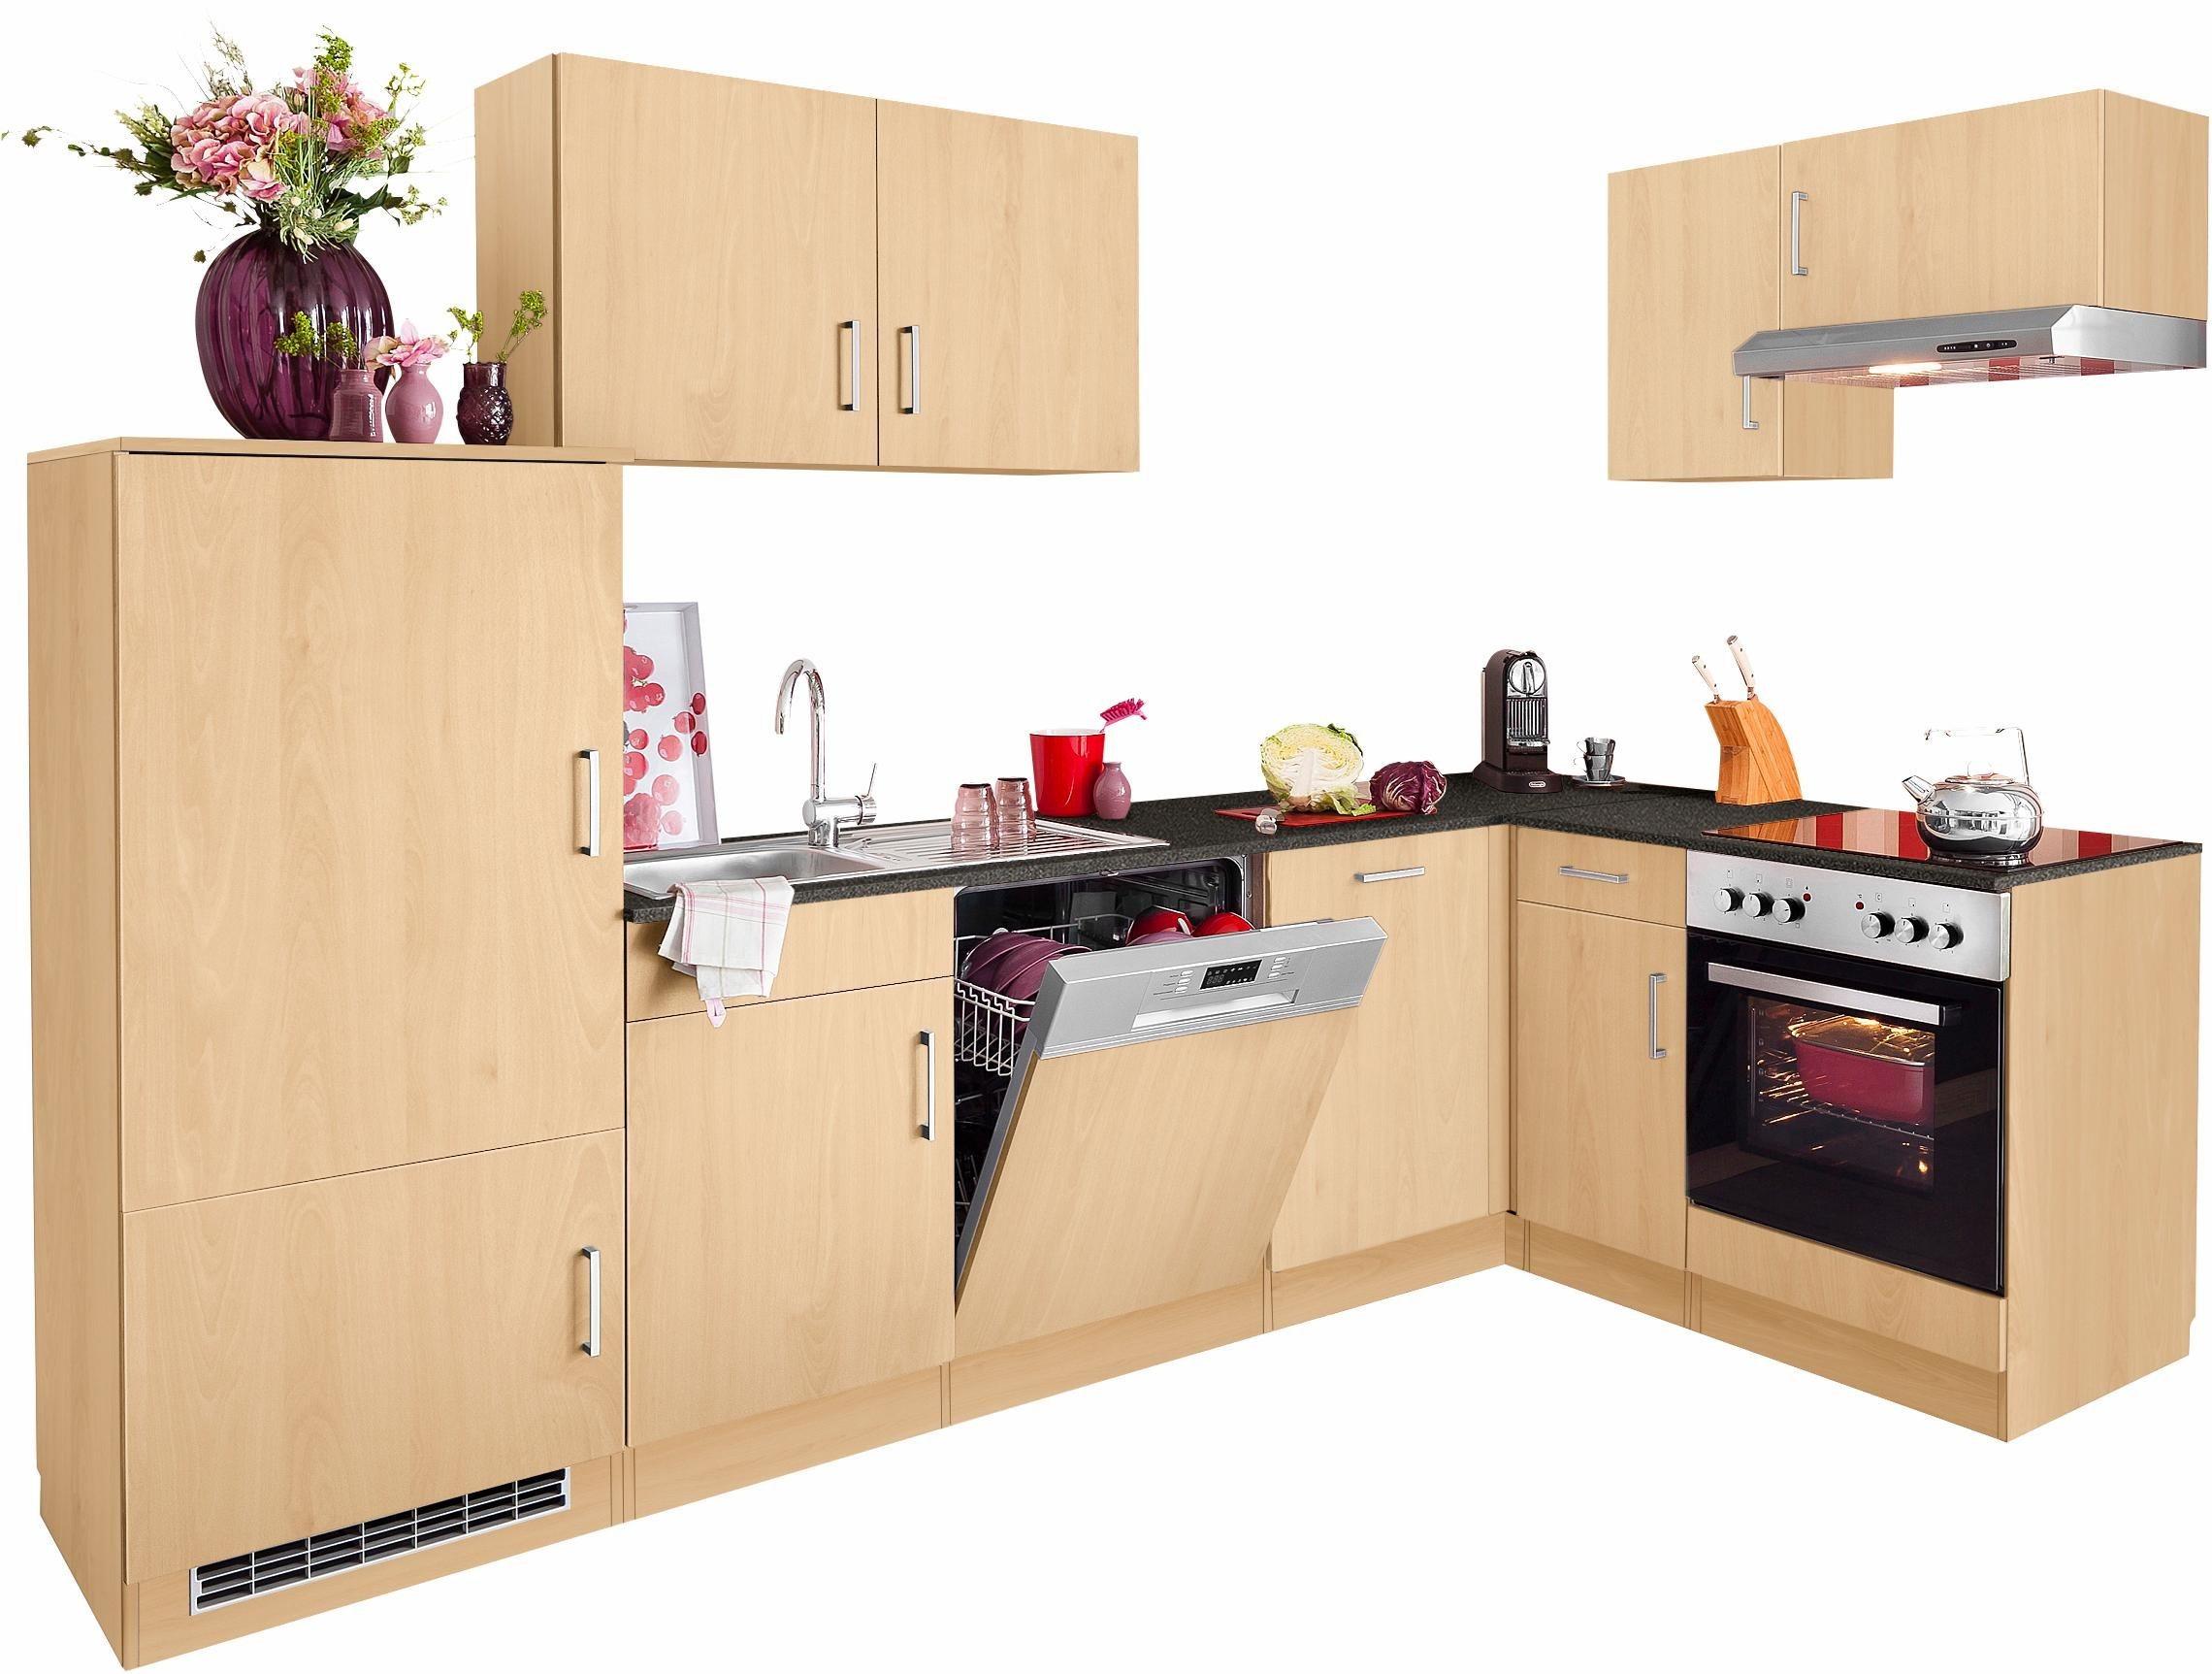 Winkelküchen online kaufen | Möbel-Suchmaschine | ladendirekt.de